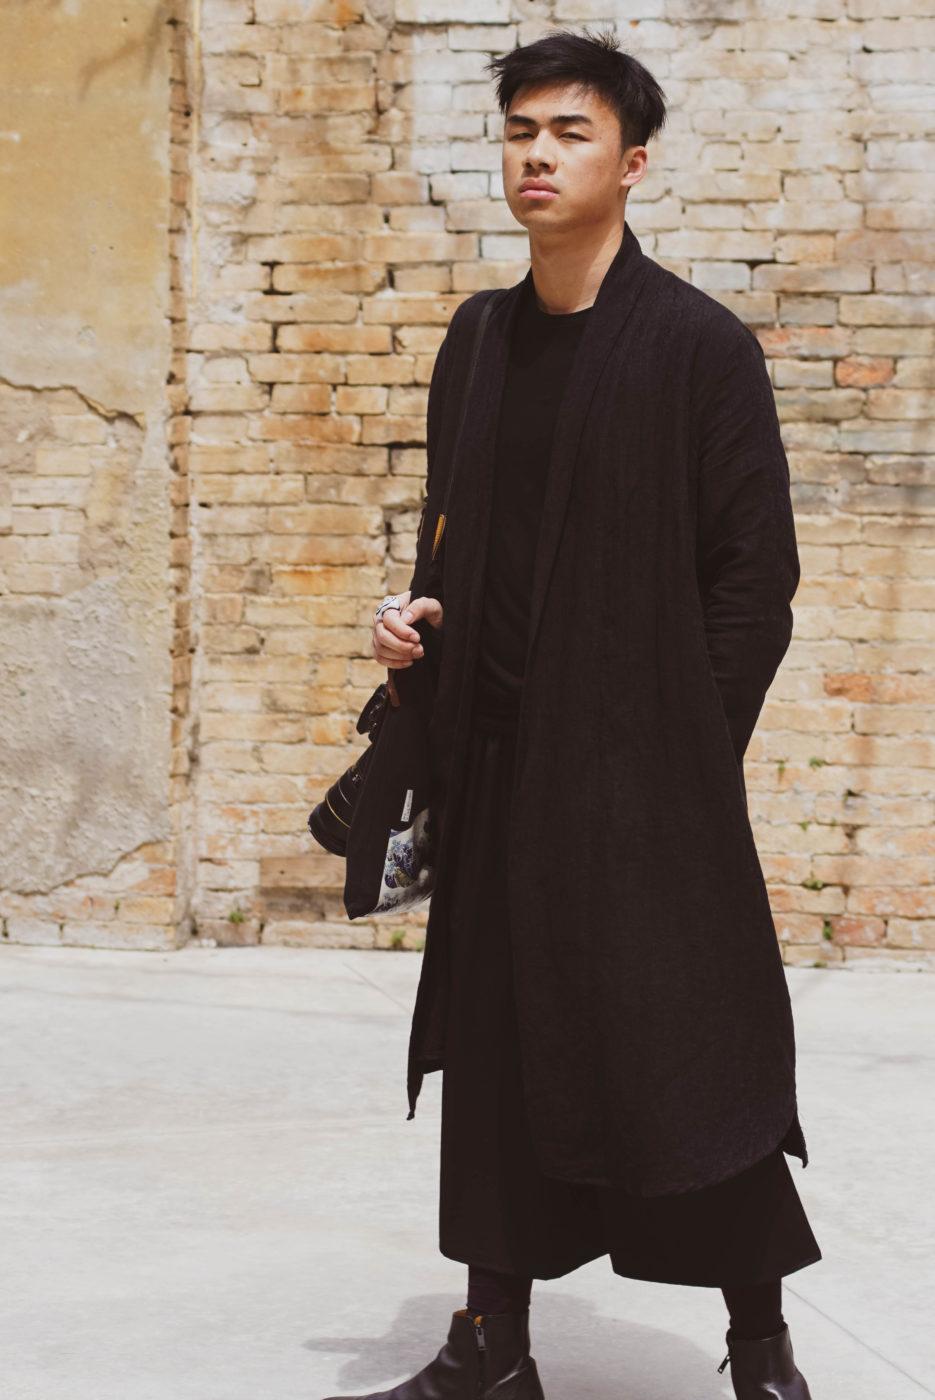 Asiatischer Mann in schwarzem Stoffmantel. Er trägt eine Kamera mit Teleobjektive über der Schulter und Blickt ernst in die Kamera. Im Hintergrund ist eine beige backsteinwand zu sehen welche zu dem schwarz gekleidetem Mann einen erheblichen Kontrast bildet